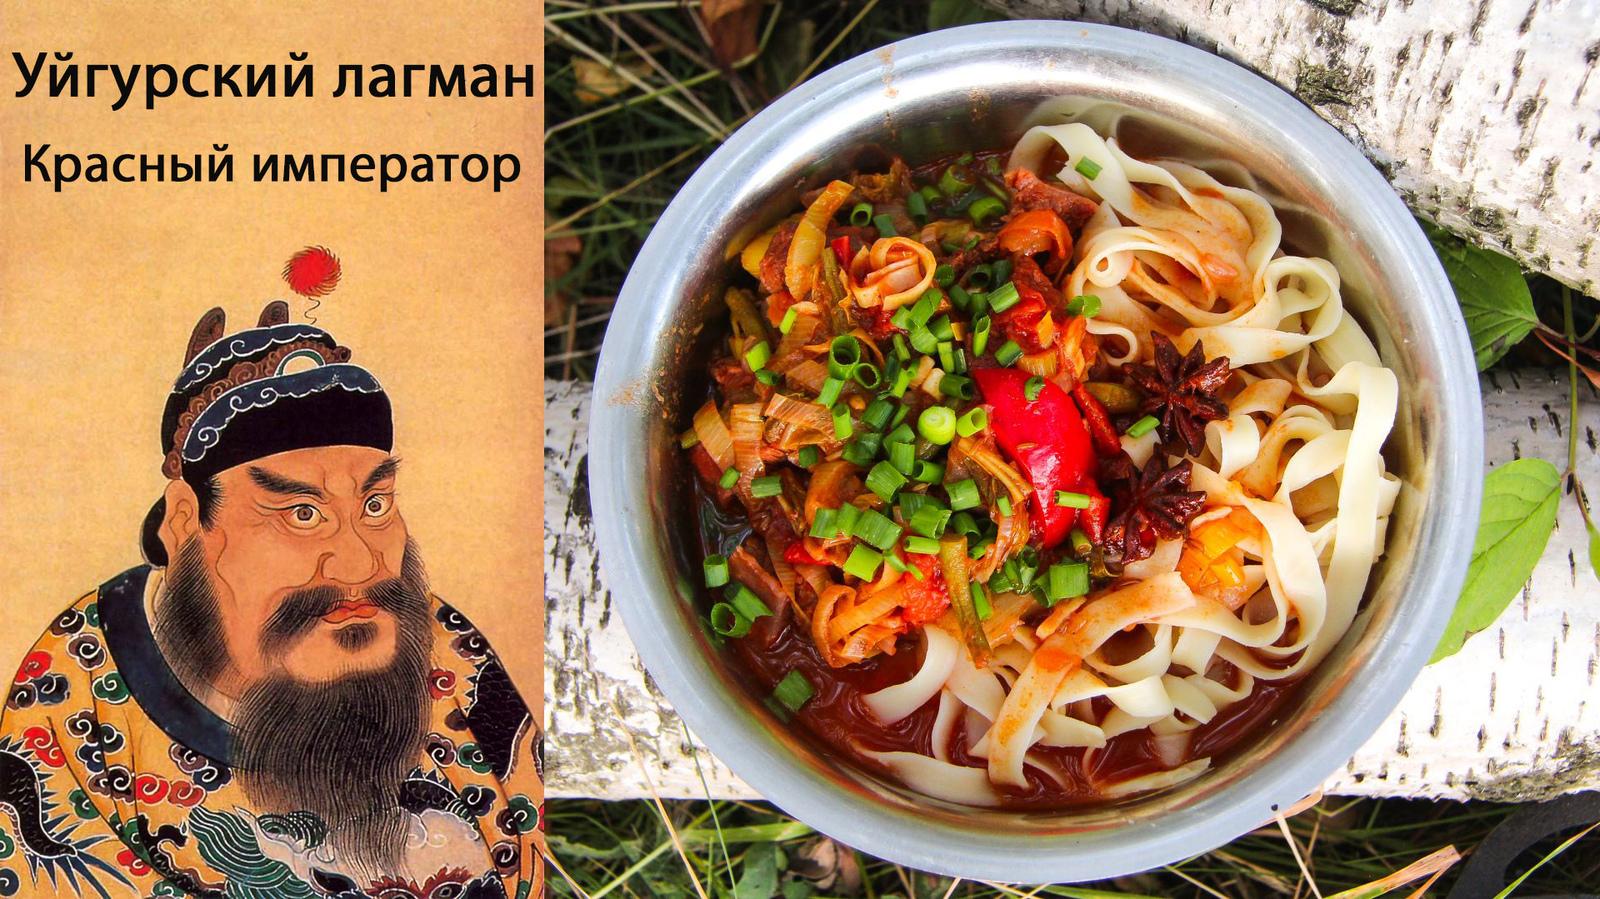 лагман уйгурский настоящий рецепты фото видео